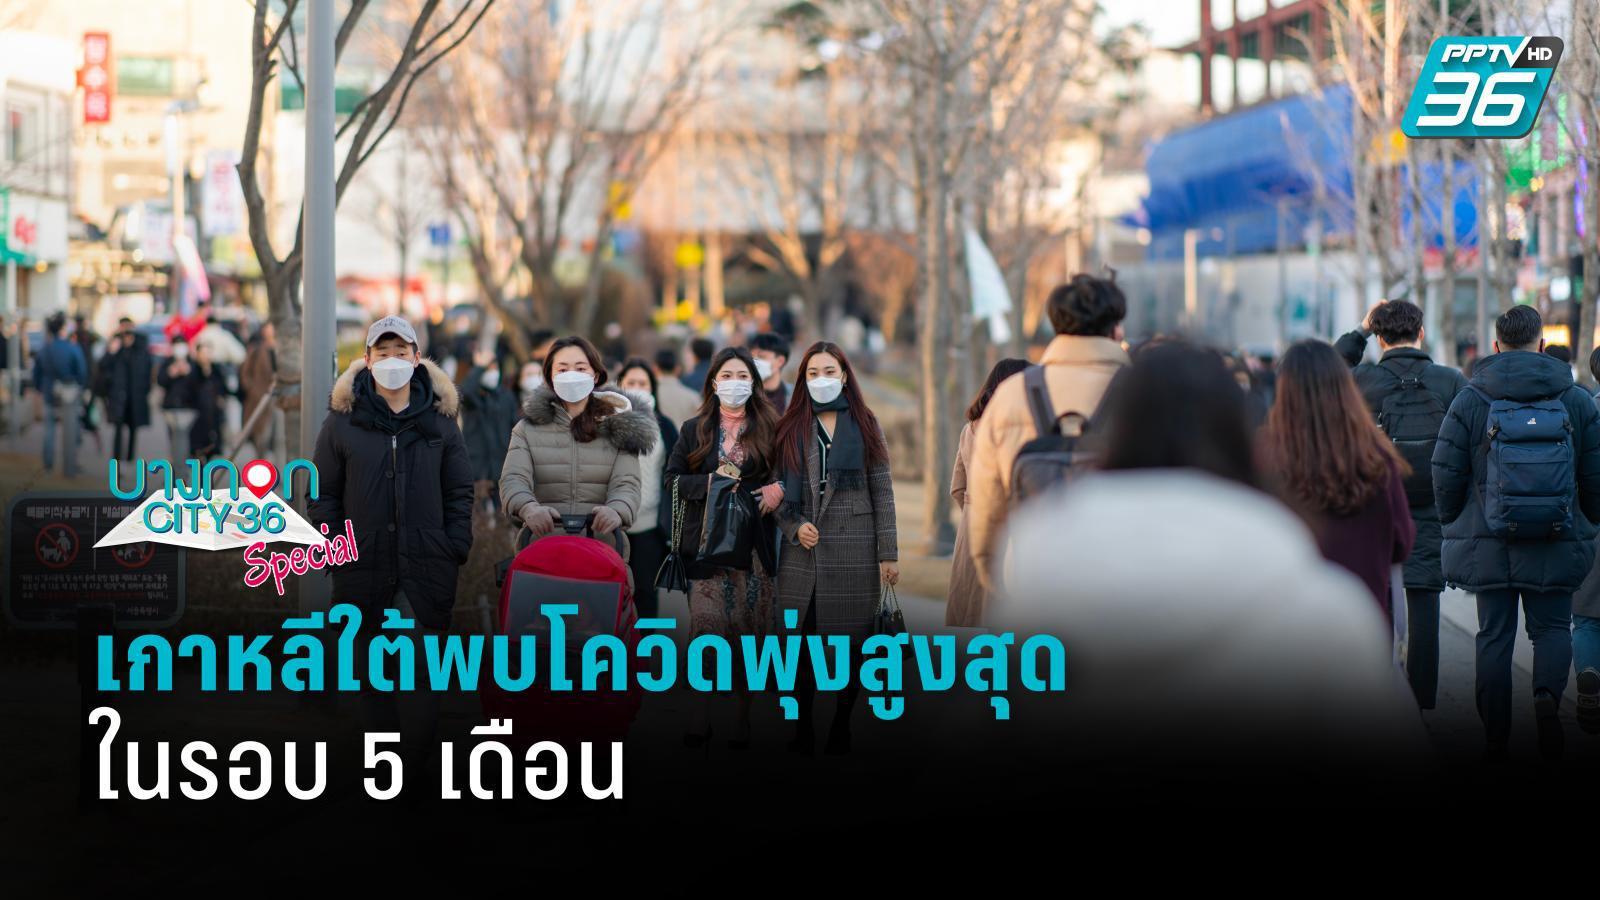 เกาหลีใต้พบผู้ติดเชื้อโควิดพุ่งสูงสุดในรอบ 5 เดือน